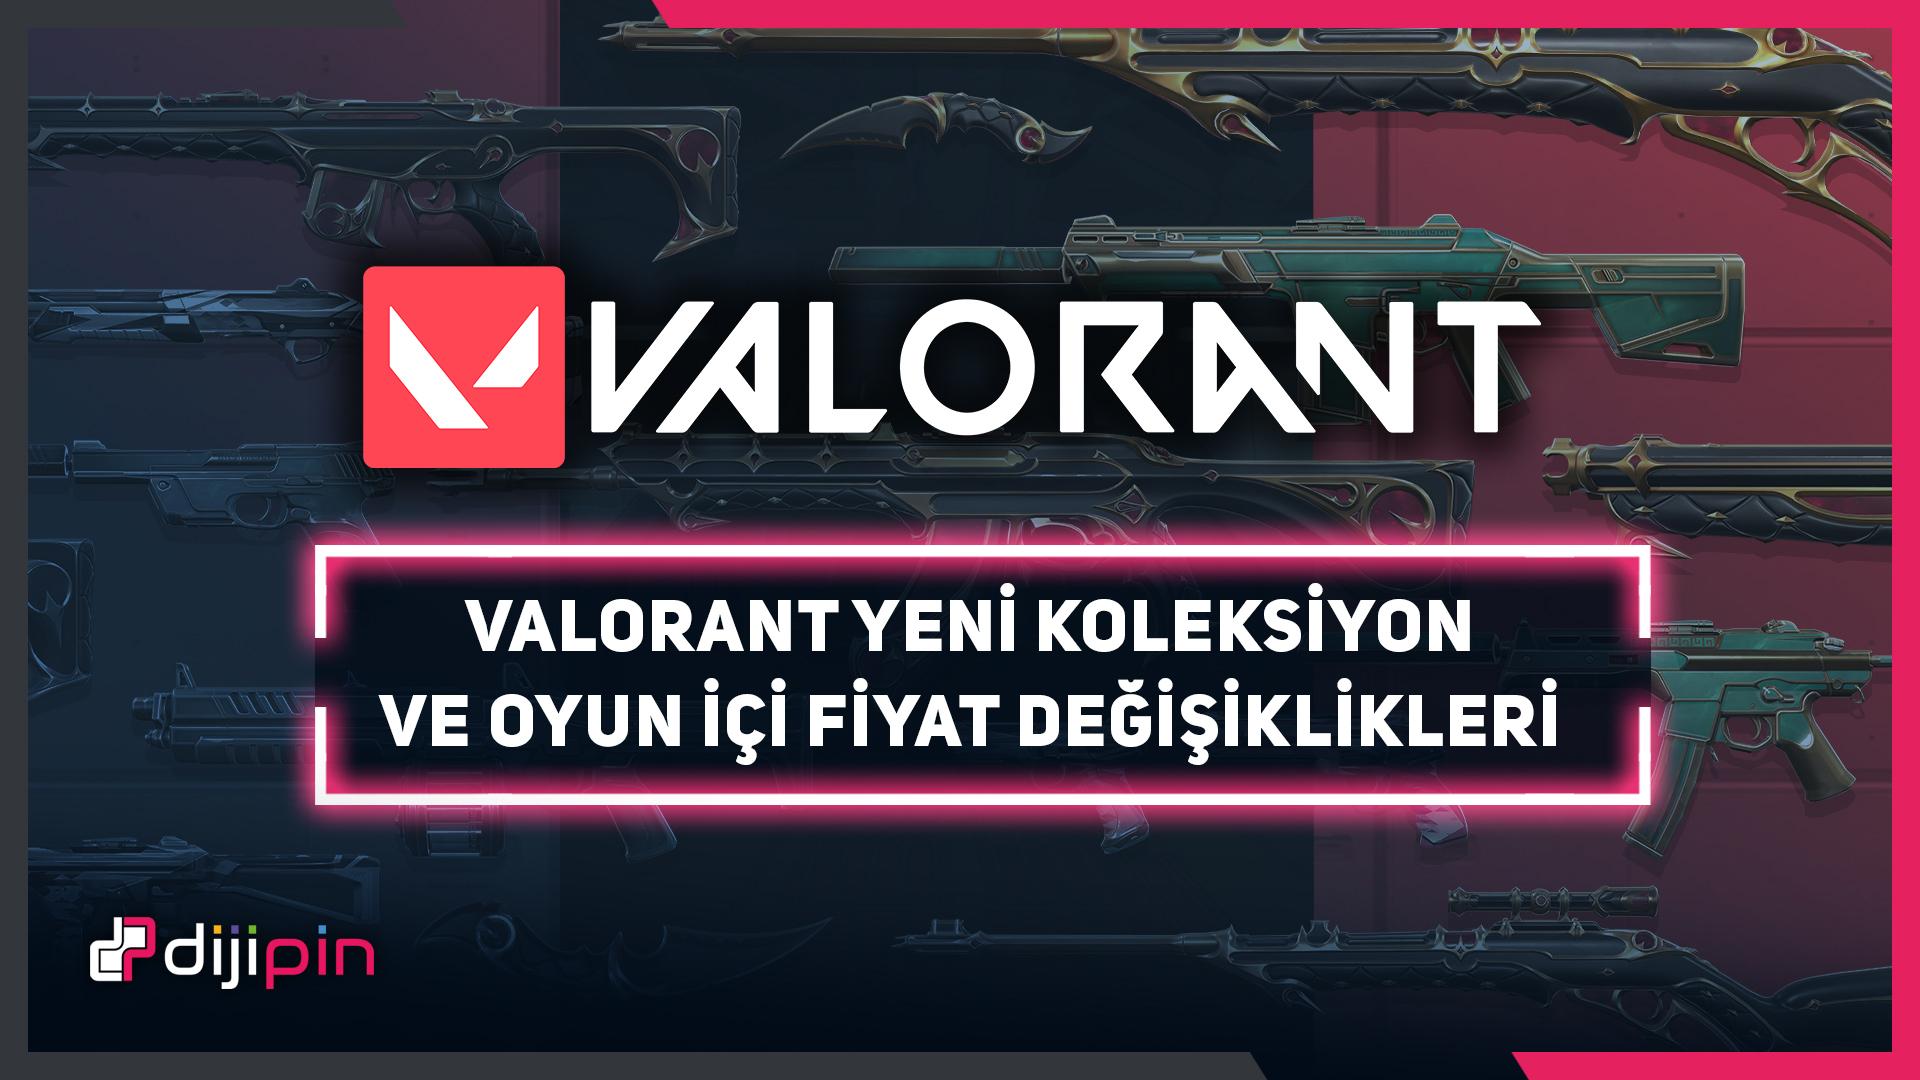 Valorant Yeni Koleksiyon ve Oyun İçi Fiyat Değişiklikleri